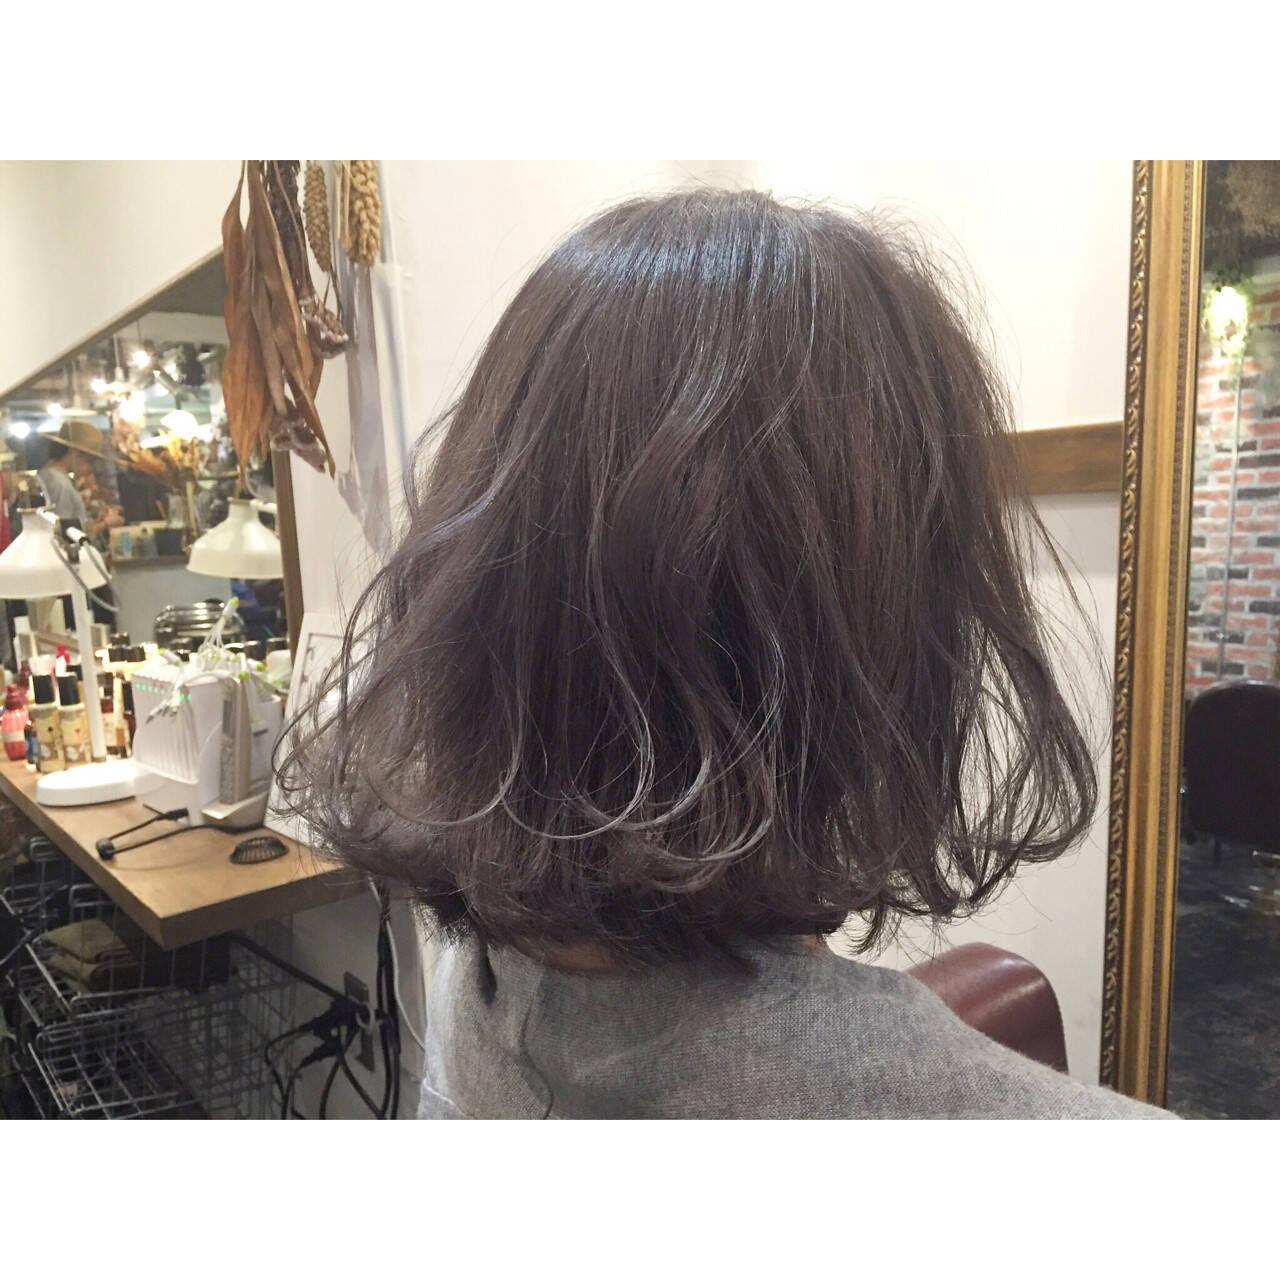 ブルージュ ストリート グレージュ 外国人風ヘアスタイルや髪型の写真・画像